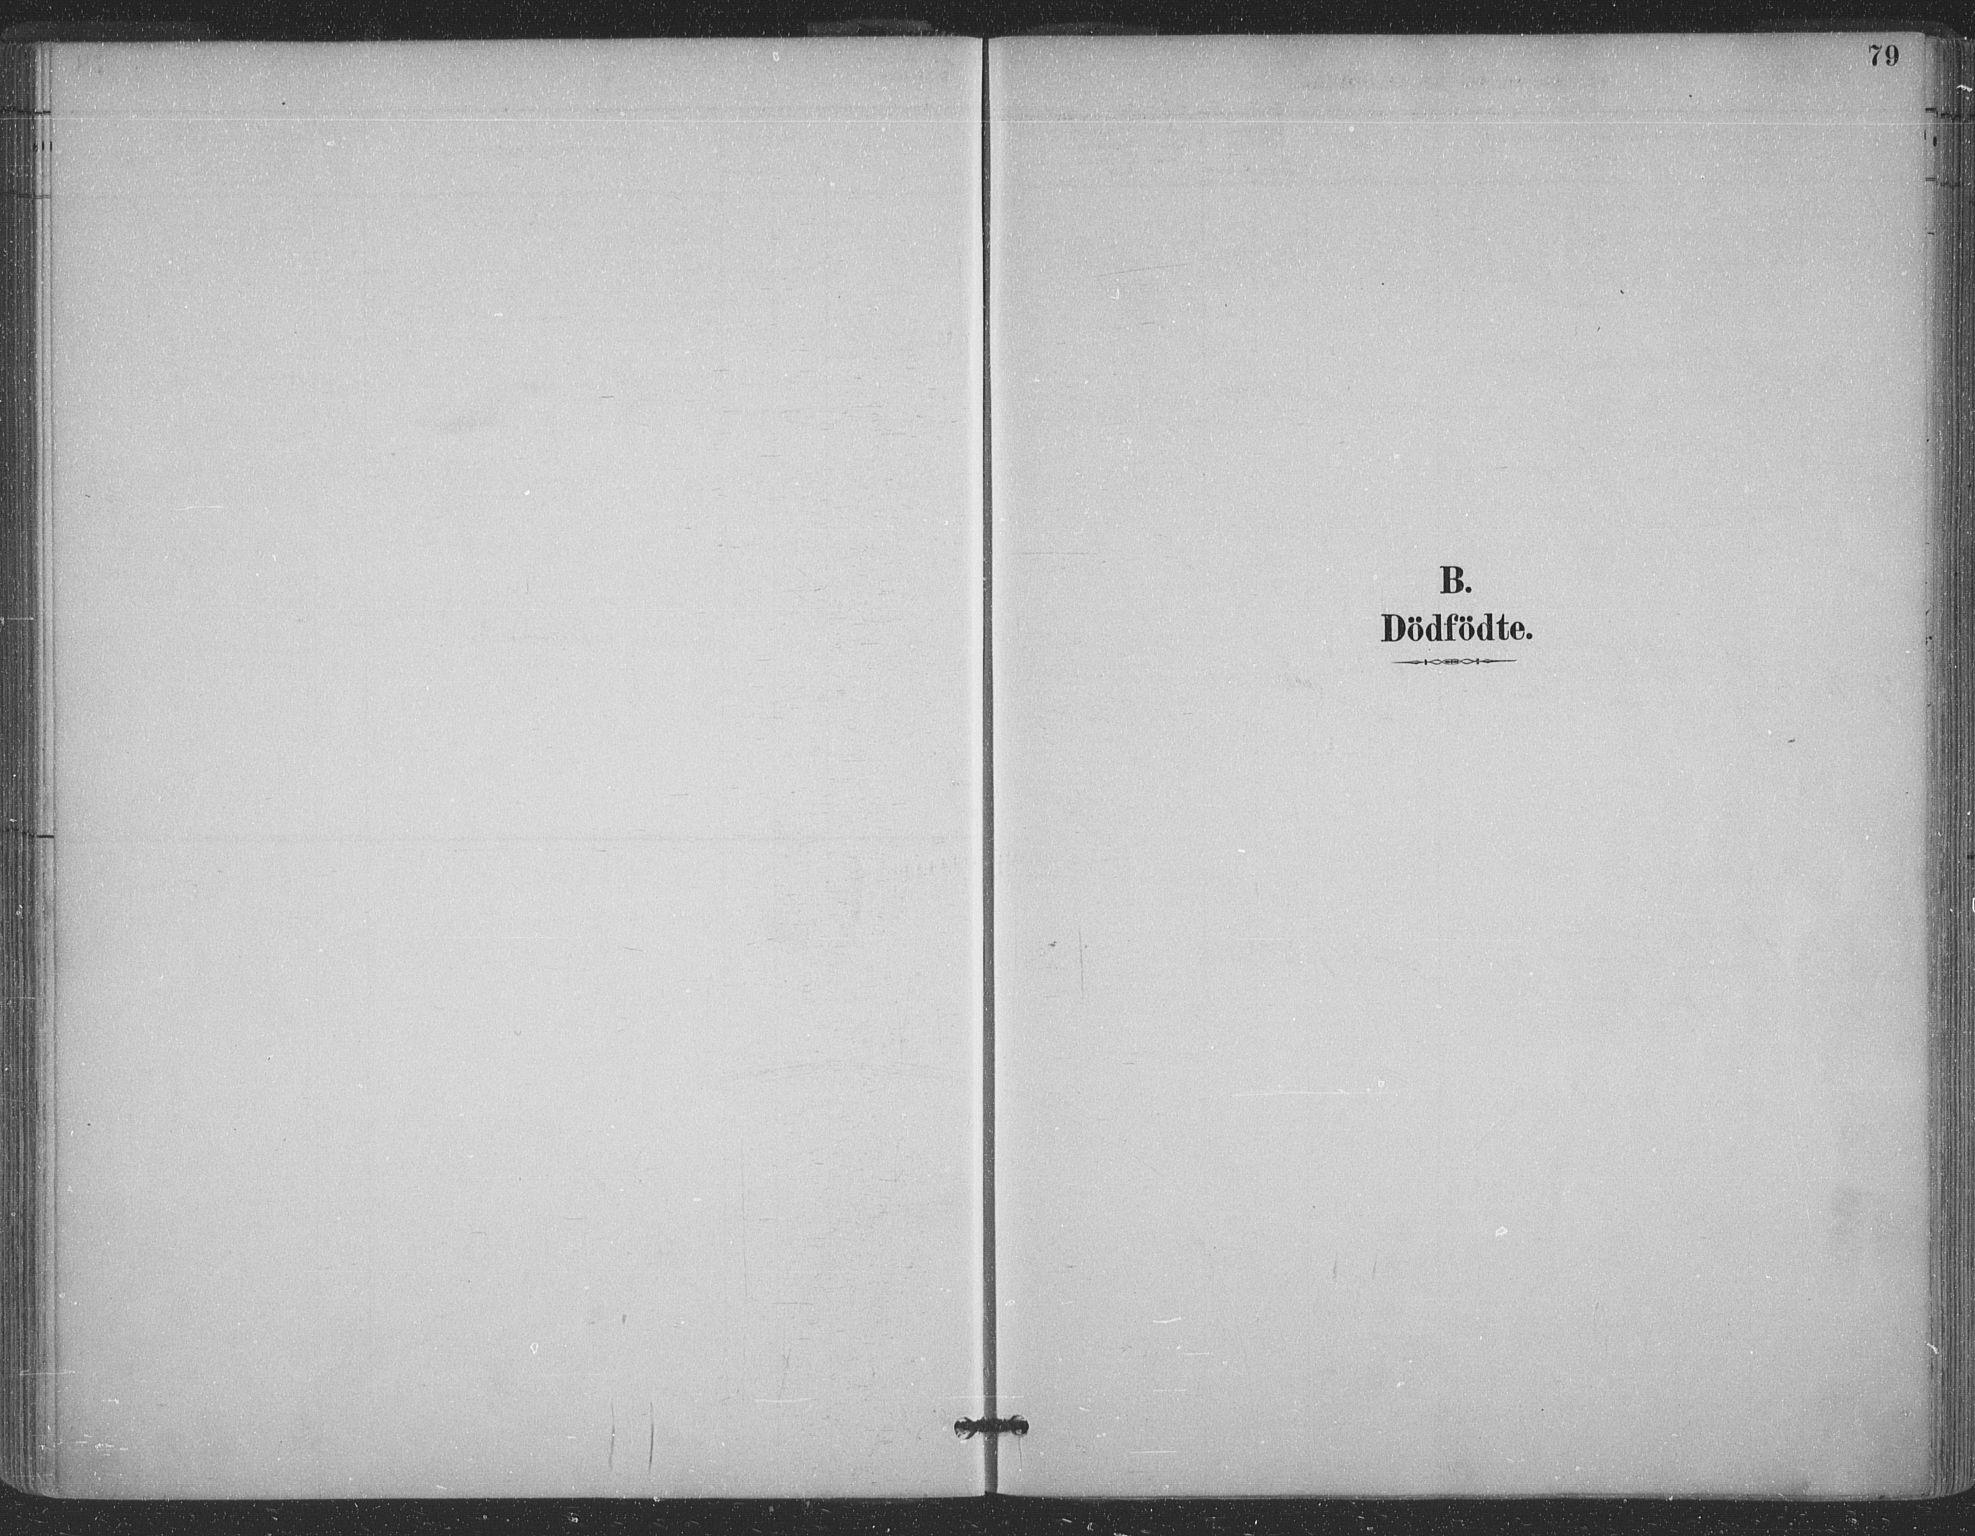 SATØ, Vadsø sokneprestkontor, H/Ha/L0006kirke: Ministerialbok nr. 6, 1885-1895, s. 79